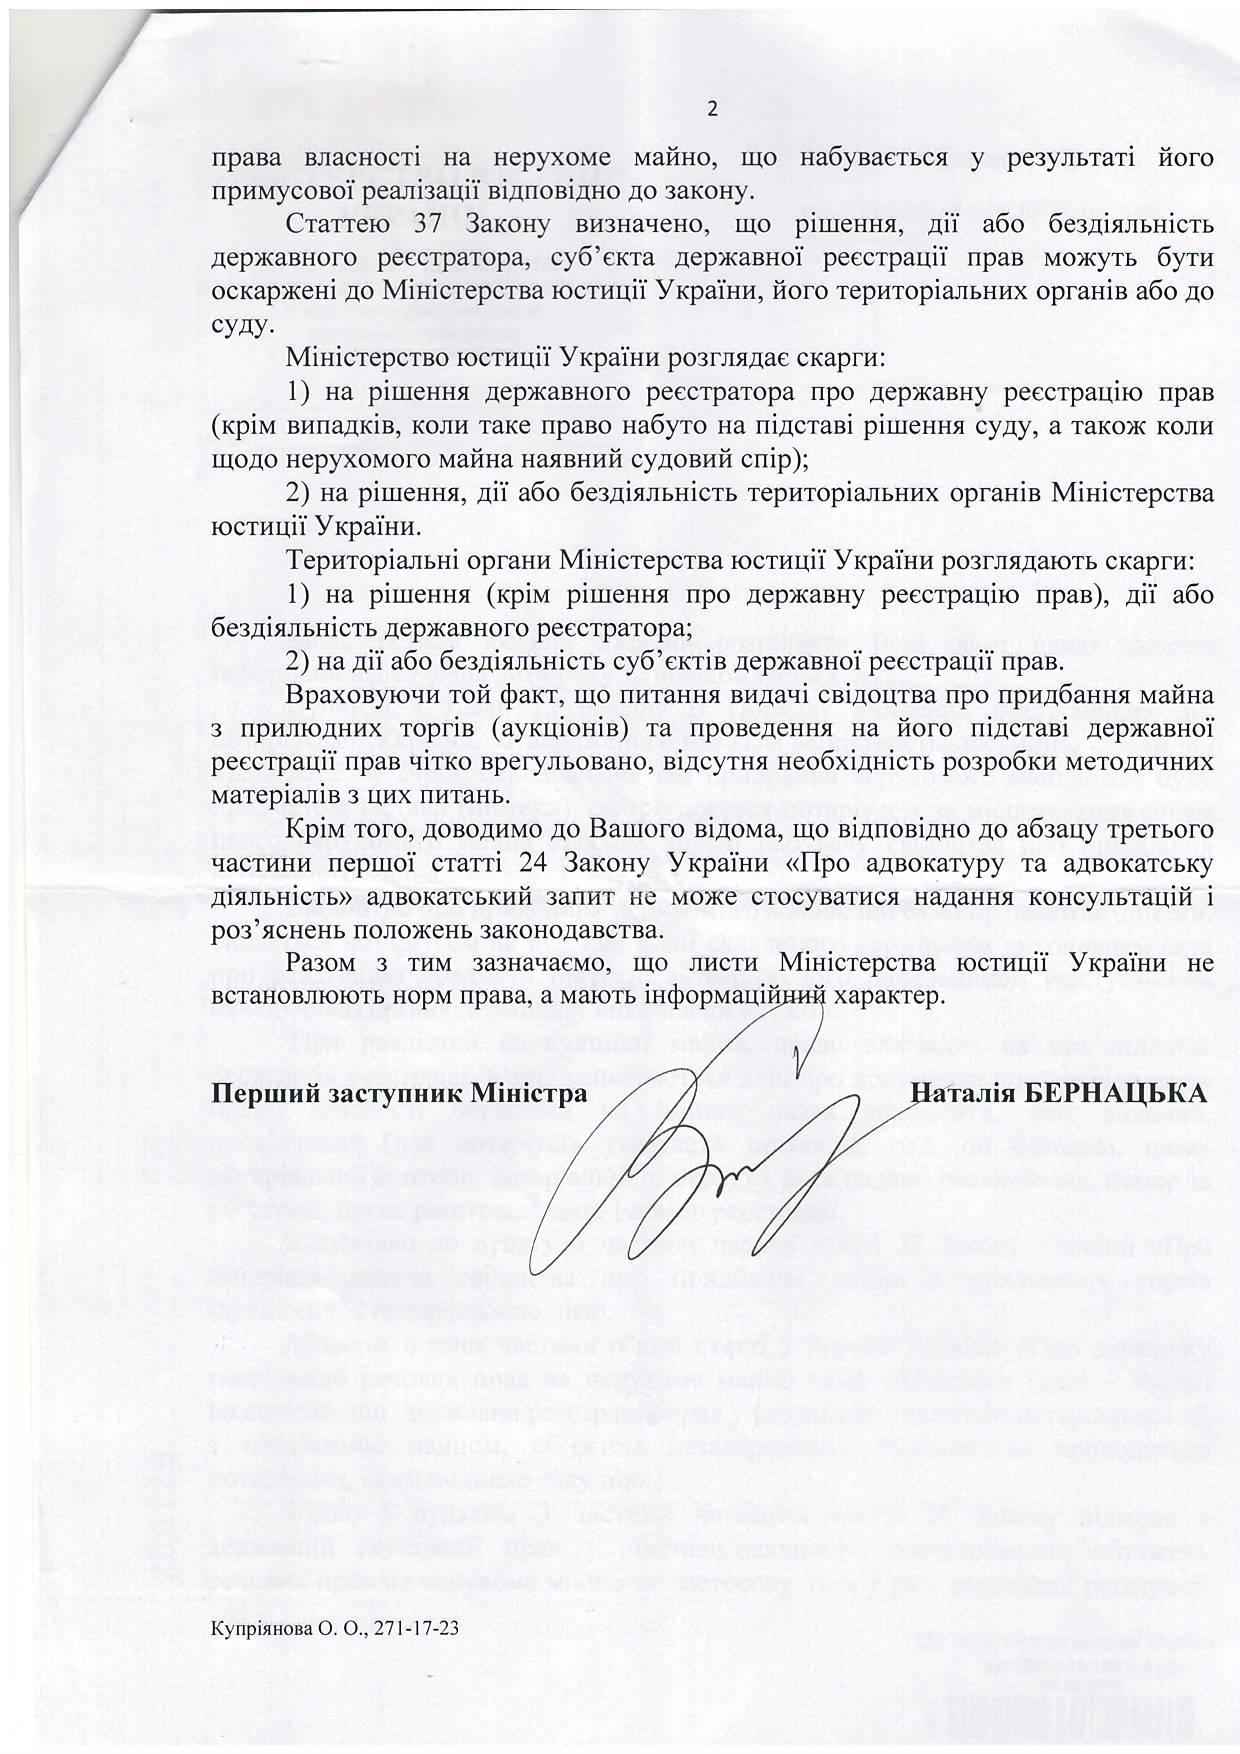 image http://forum.setam.net.ua/assets/images/79-moRHshu3rog25lgd.jpeg